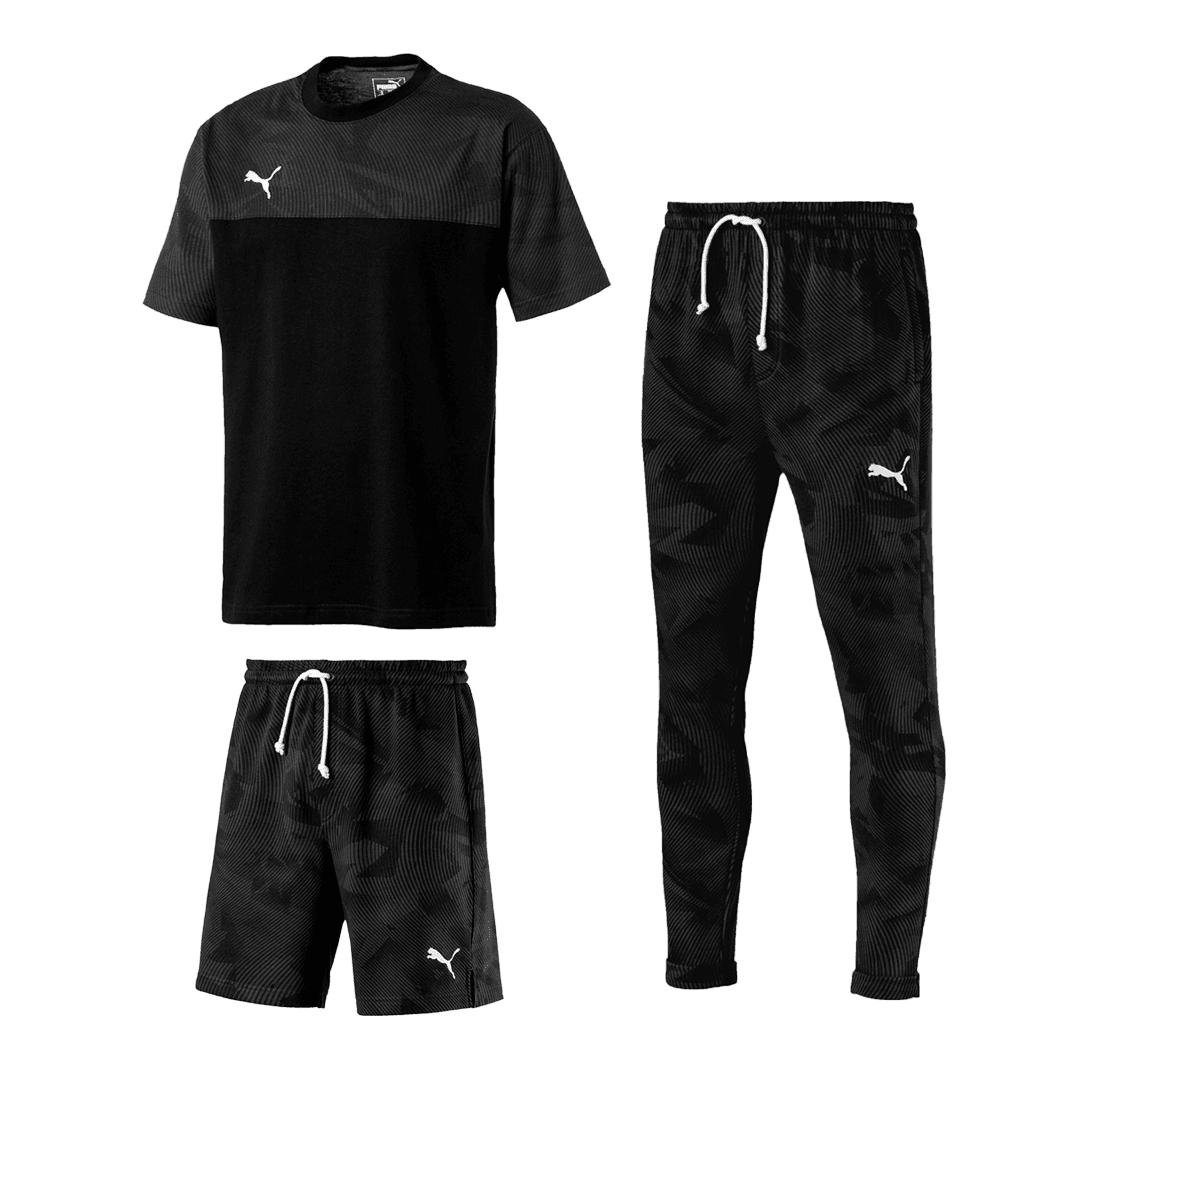 PUMA Casual 3-delige outfit voor €54,95 inc verzending